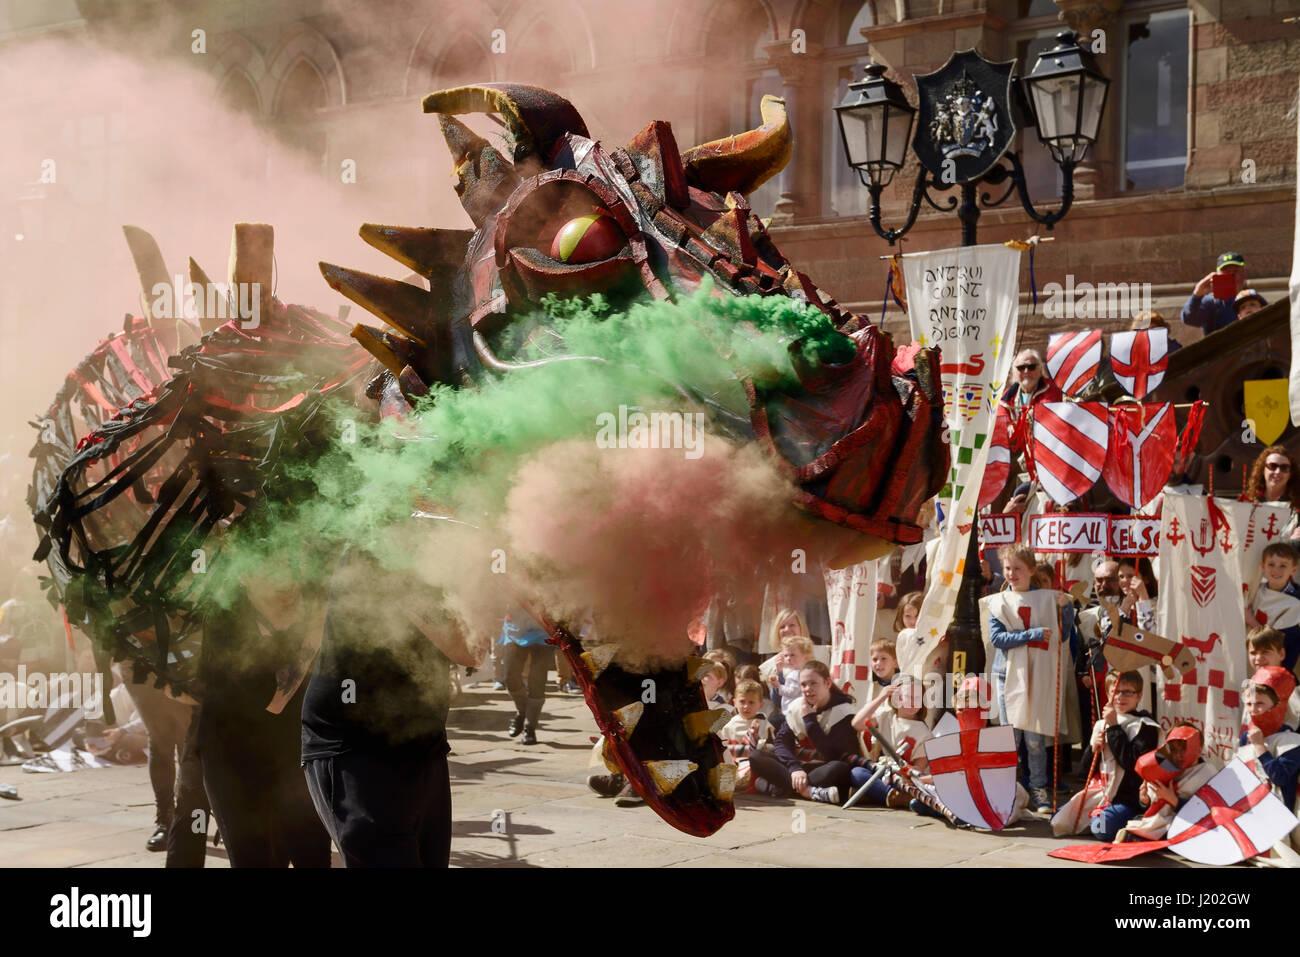 Chester, UK. 23. April 2017. Ein Rauch speienden Drachen macht einen Eingang im Rahmen des Str. Georges Tag mittelalterlichen Stockfoto